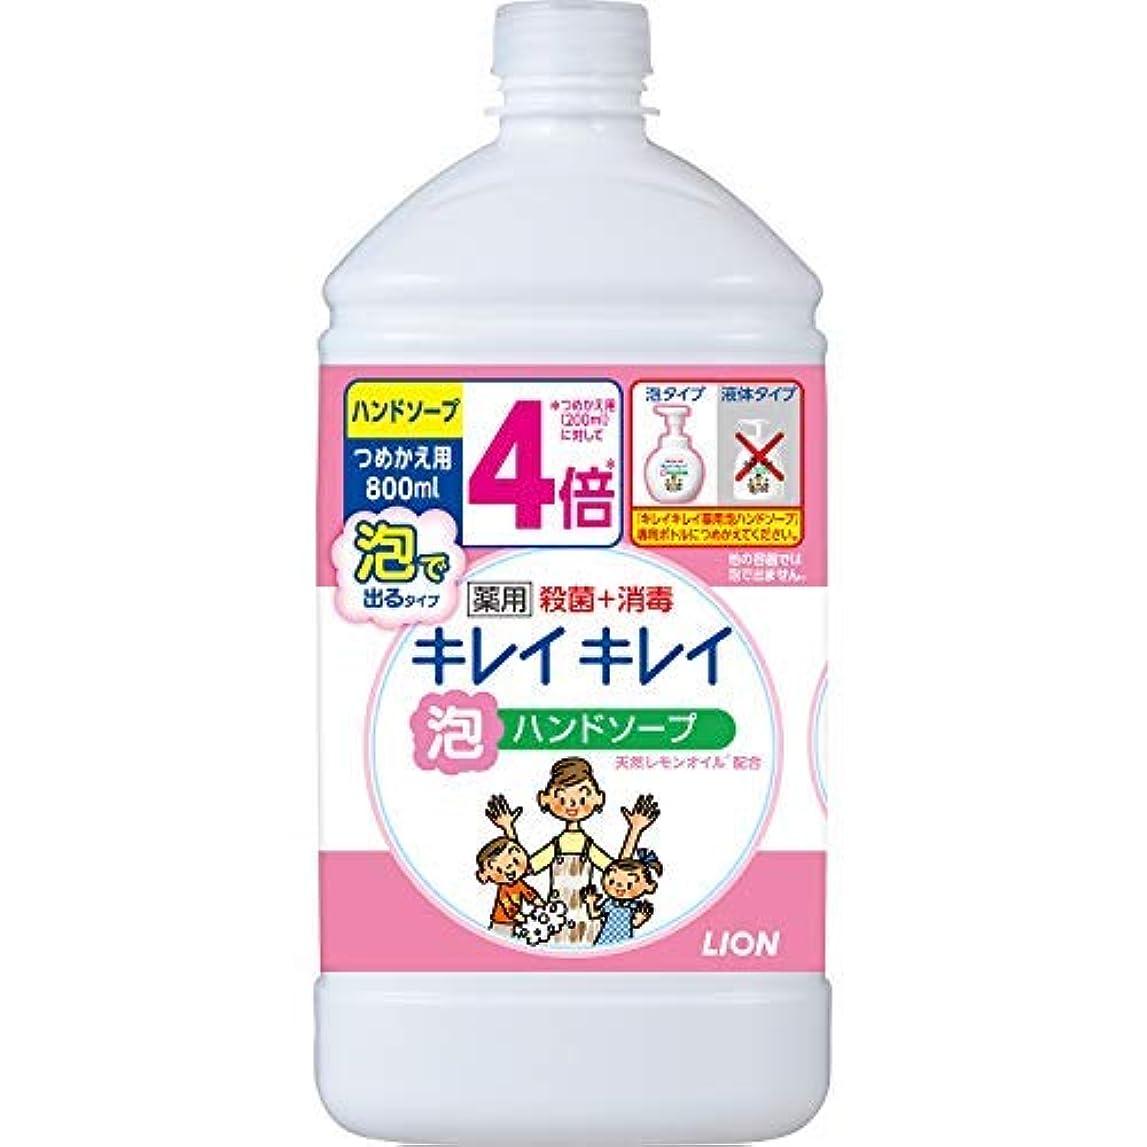 貢献する小包指定するキレイキレイ 薬用泡ハンドソープ つめかえ用特大サイズ シトラスフルーティ × 2個セット